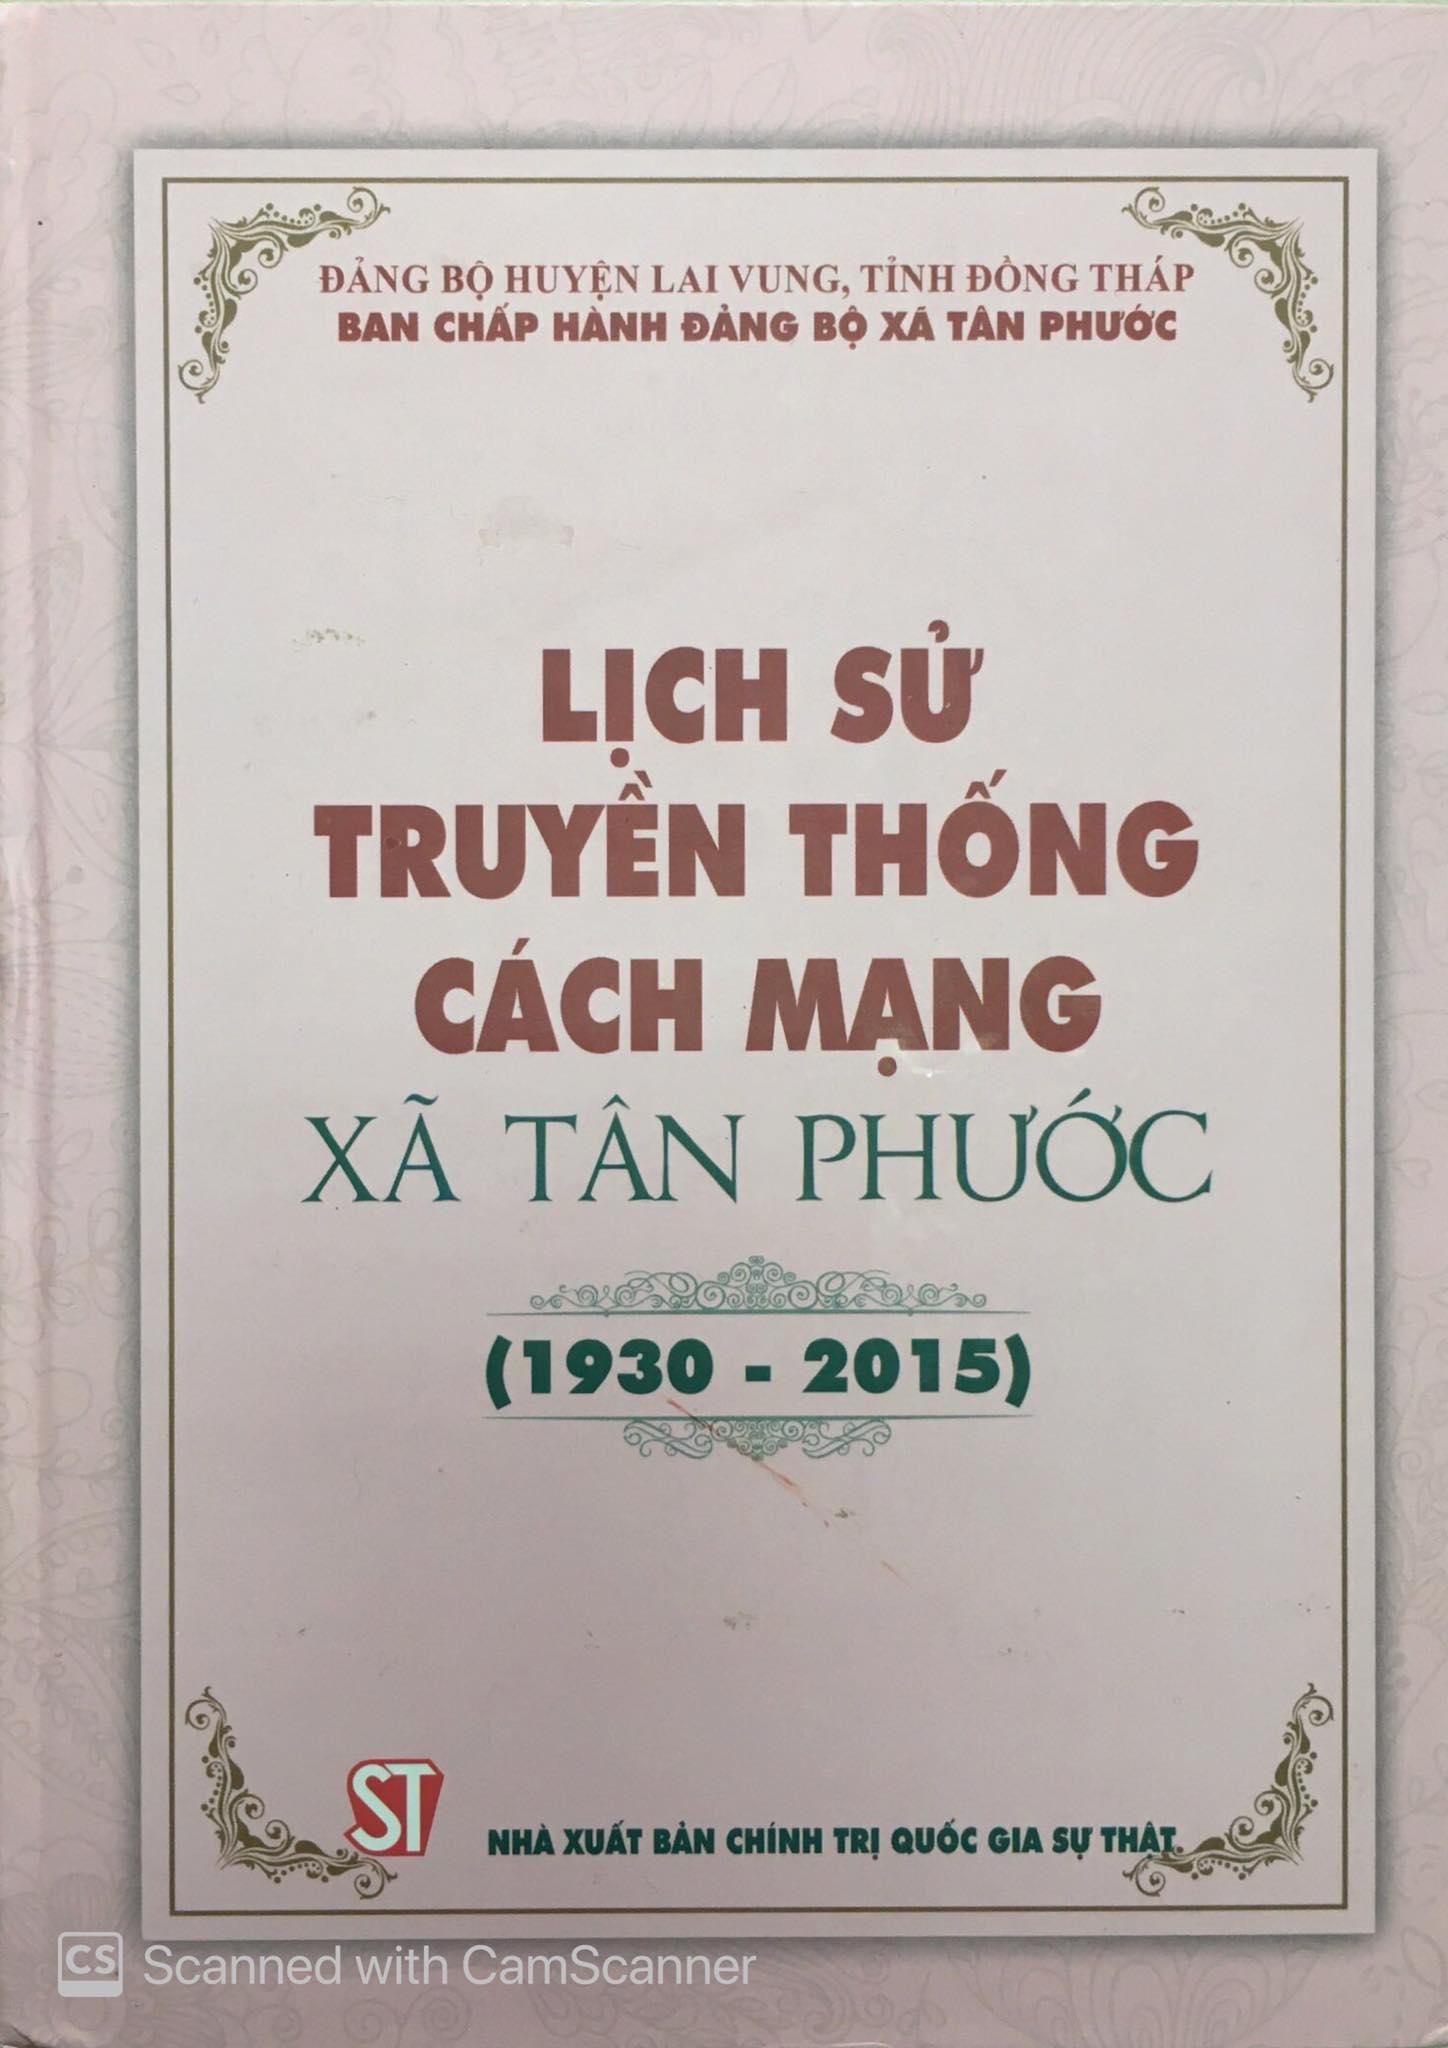 Lịch sử truyền thống cách mạng xã Tân Phước (1930 - 2015)